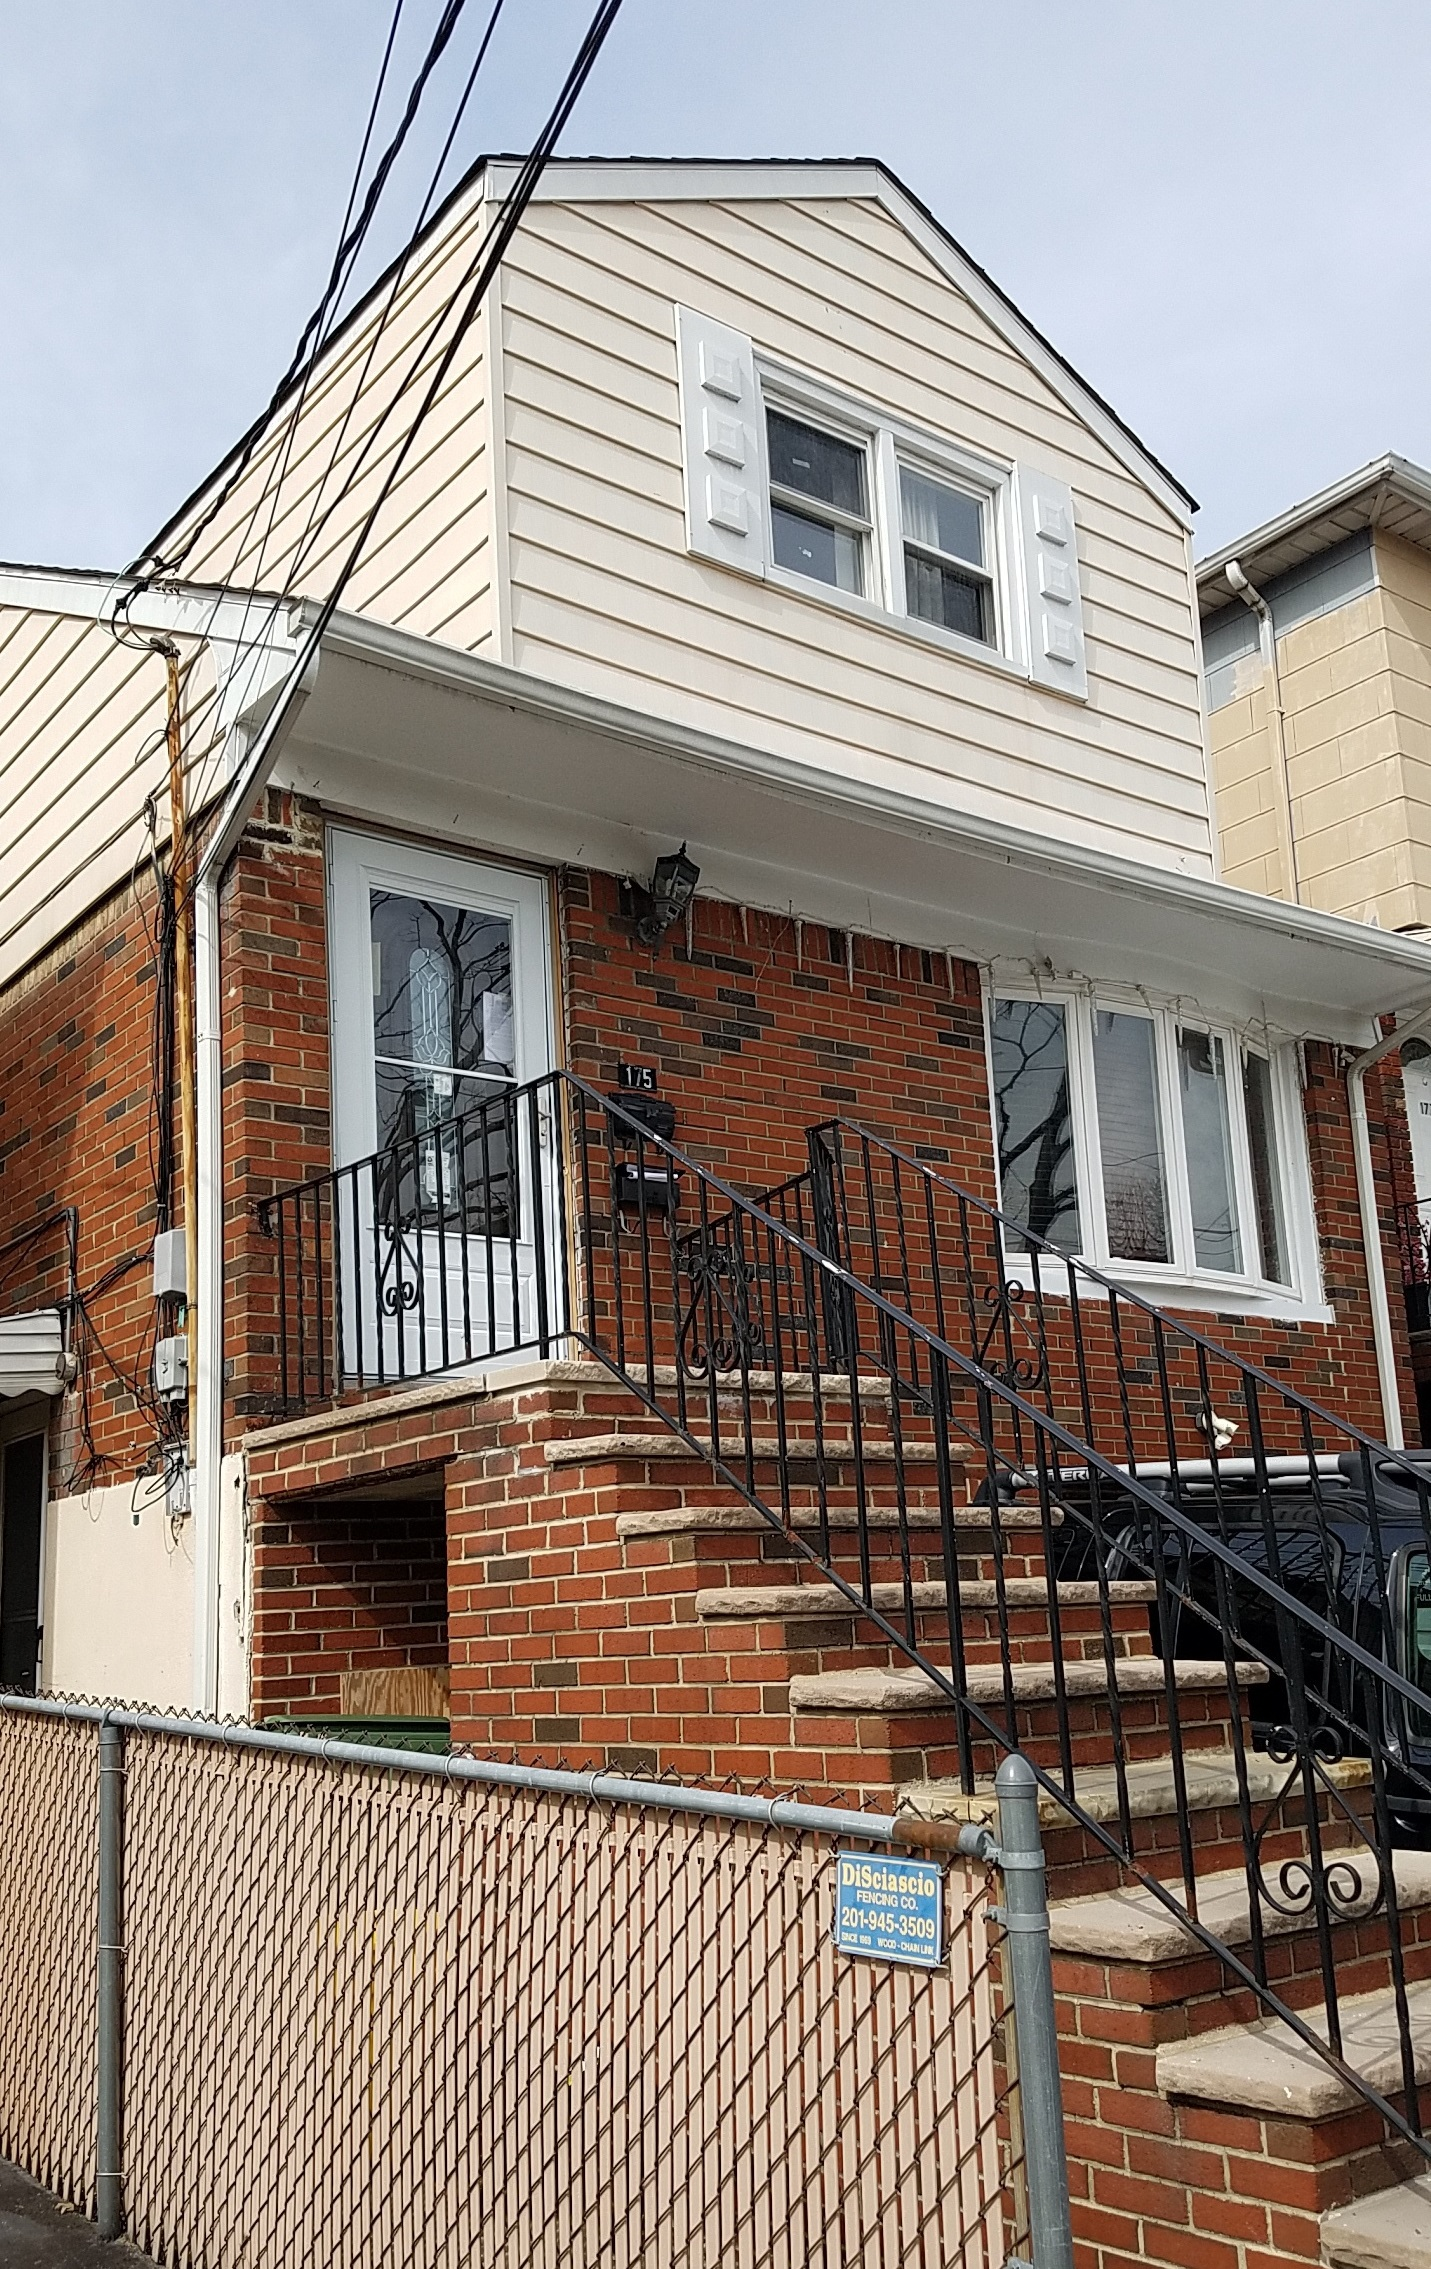 NEW REO – 175 Hamilton Ave. Fairview, NJ 07022 $598,500